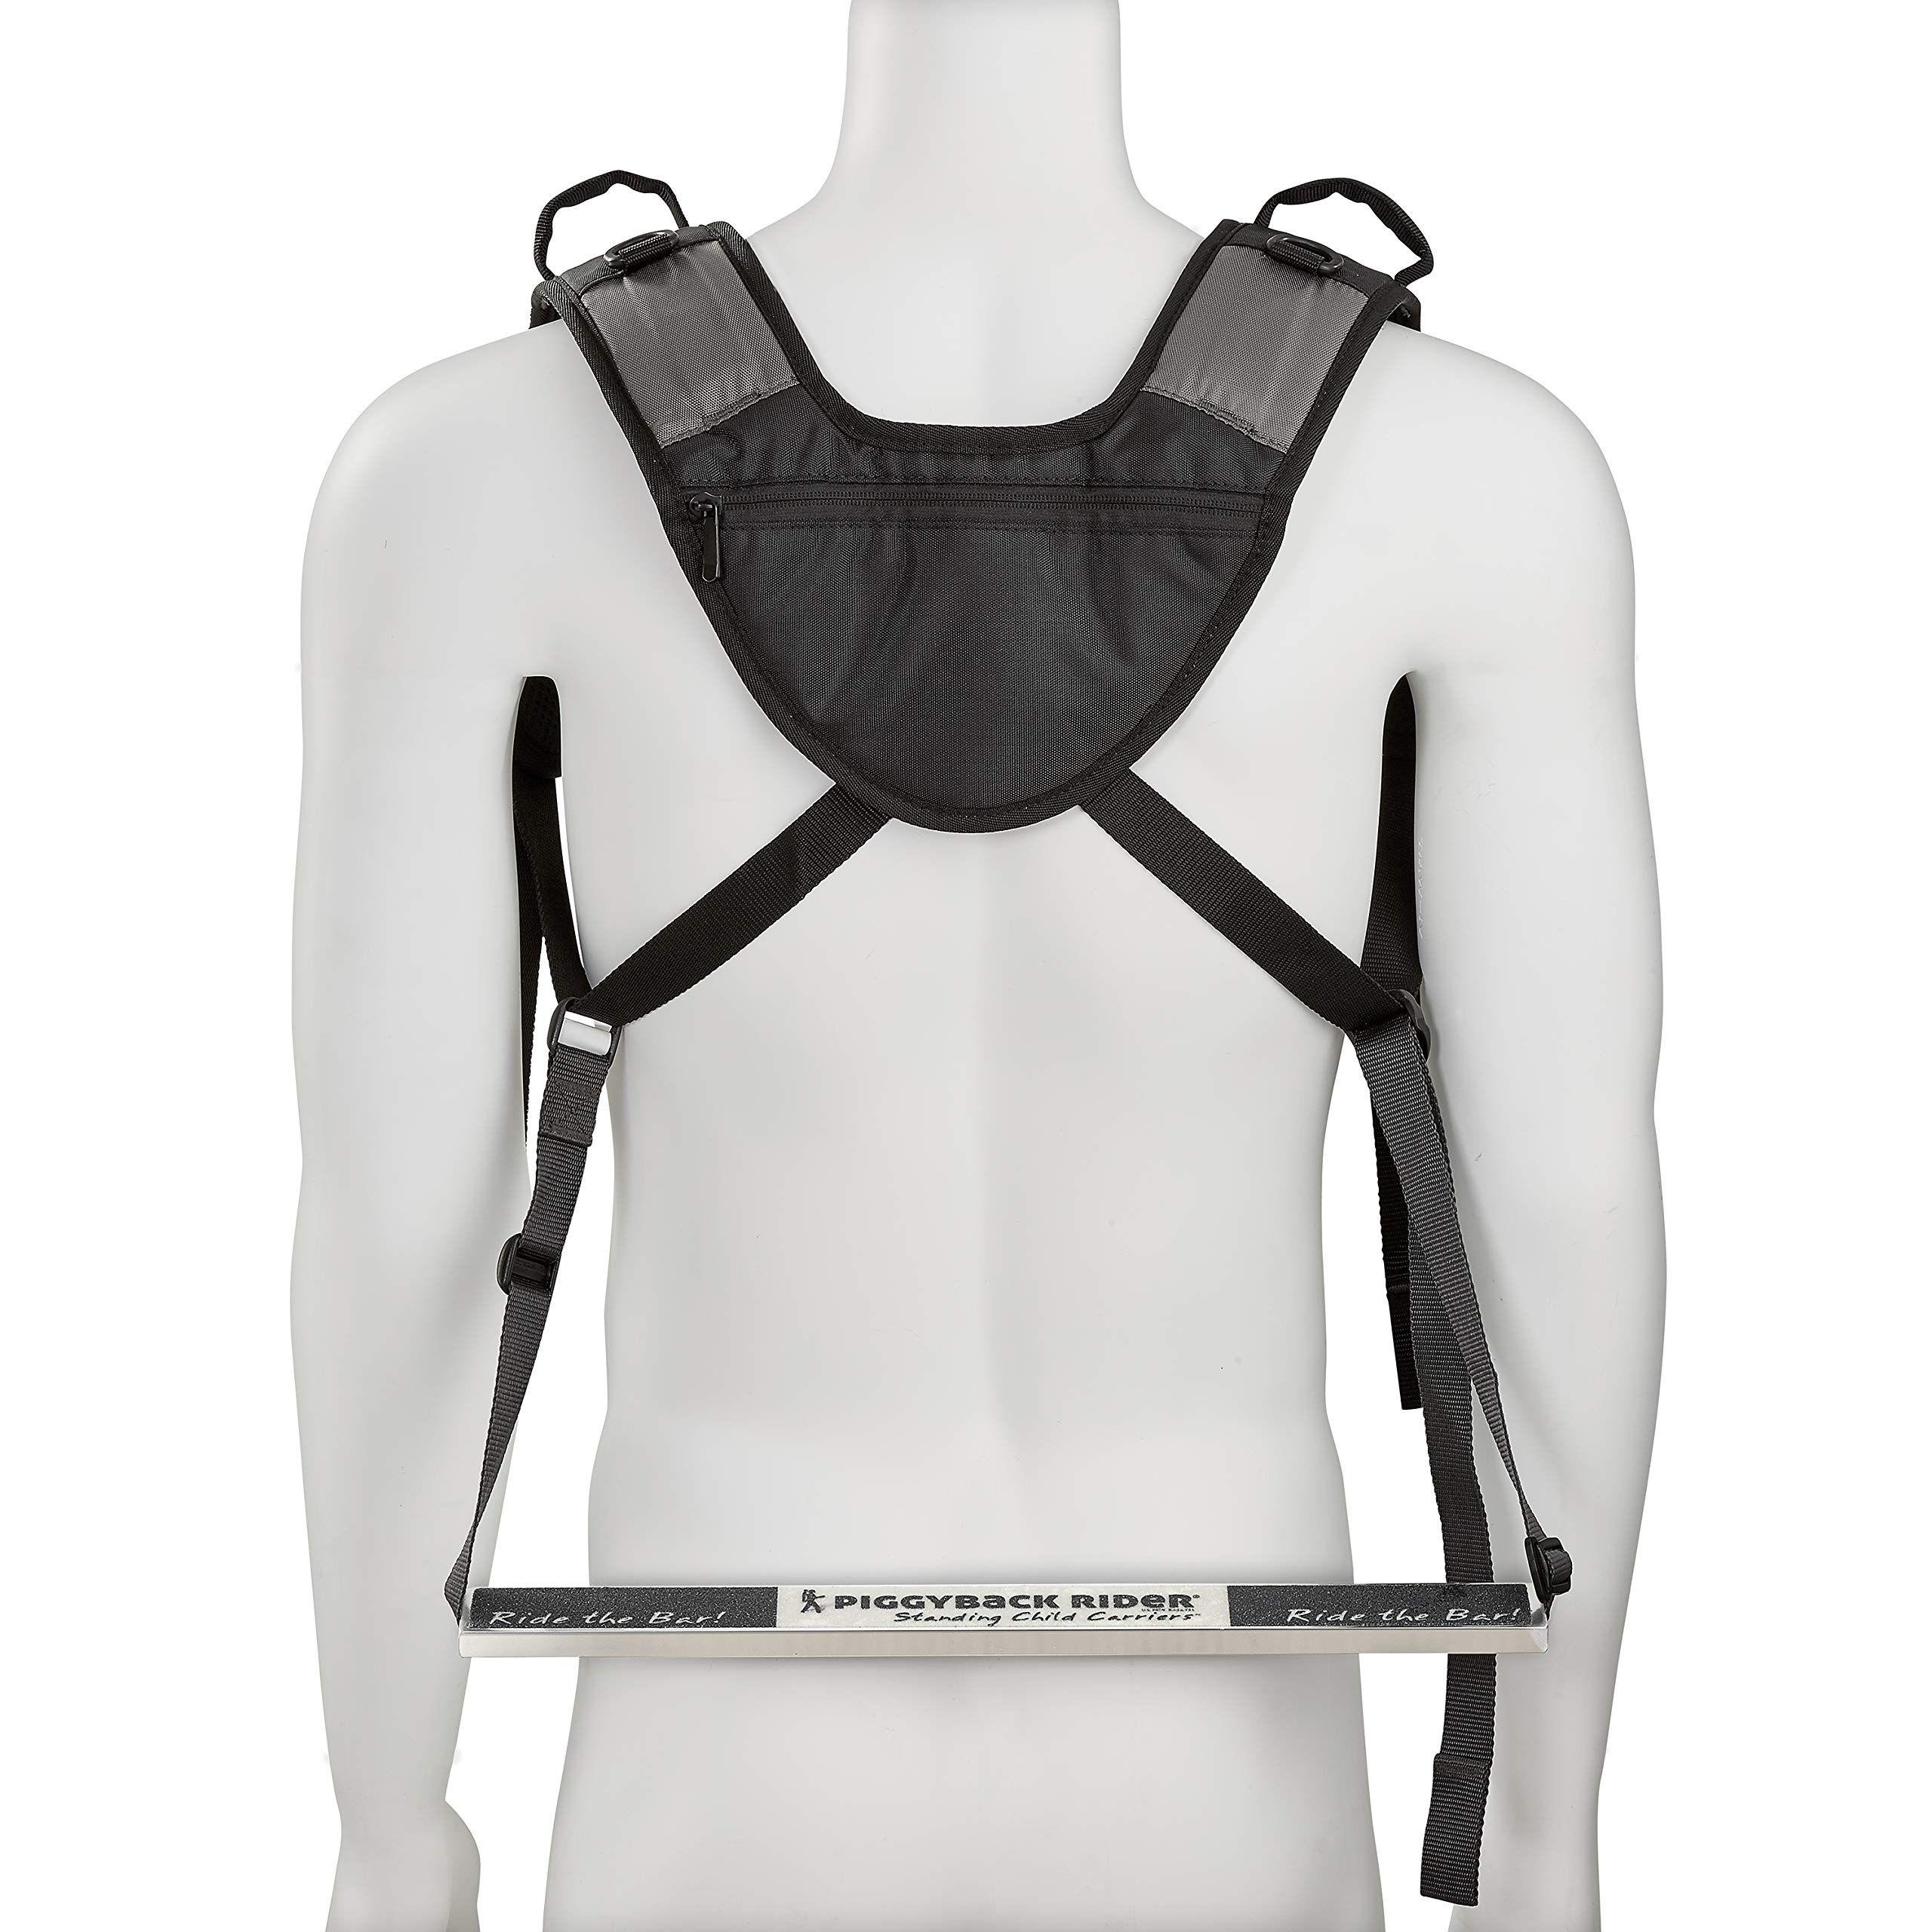 Black Piggyback Rider Child Safety Harness Backpack